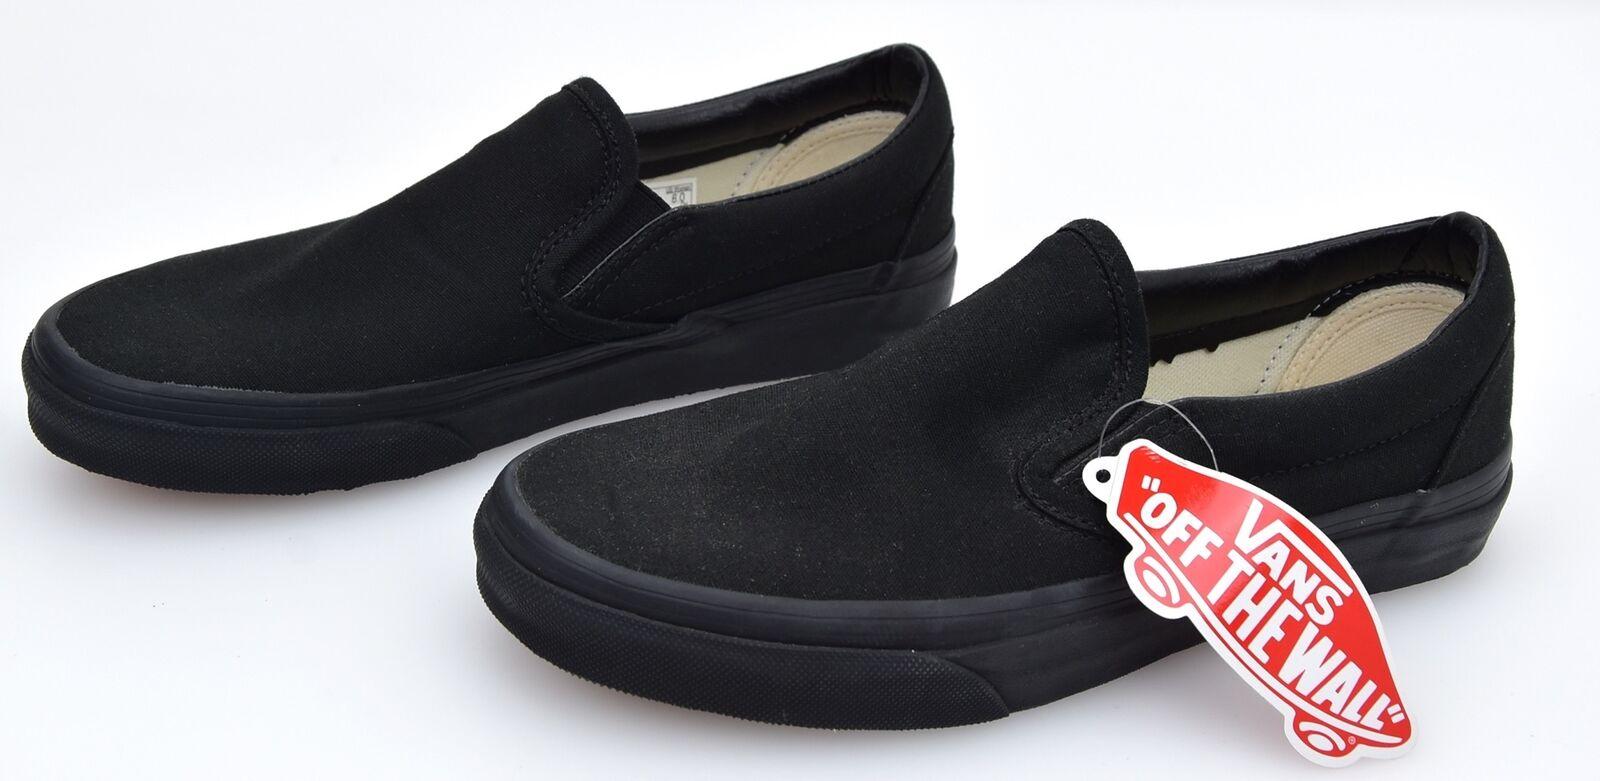 Vans Mujer Zapatillas Mocasines Mocasines Mocasines Casual de Lona código Clásico Slip-On VN -0 Eyebka  Tienda 2018